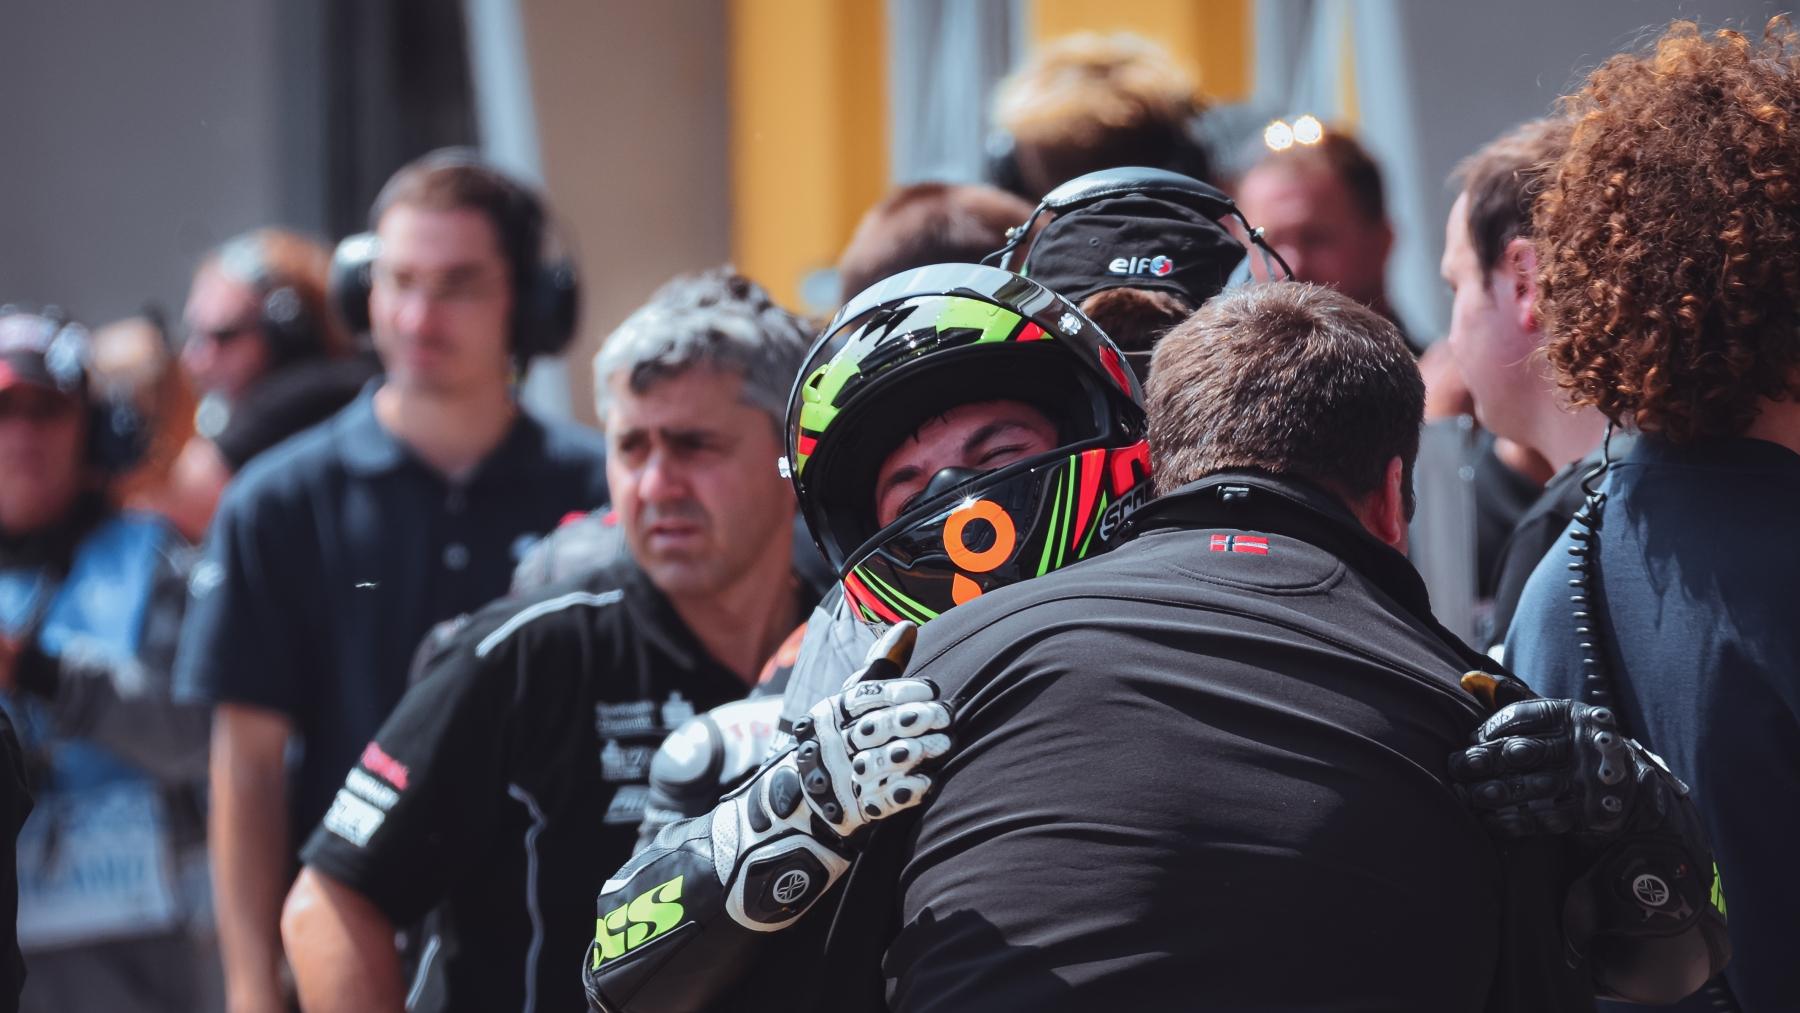 Wildcard beim Sachsenring-GP 2016